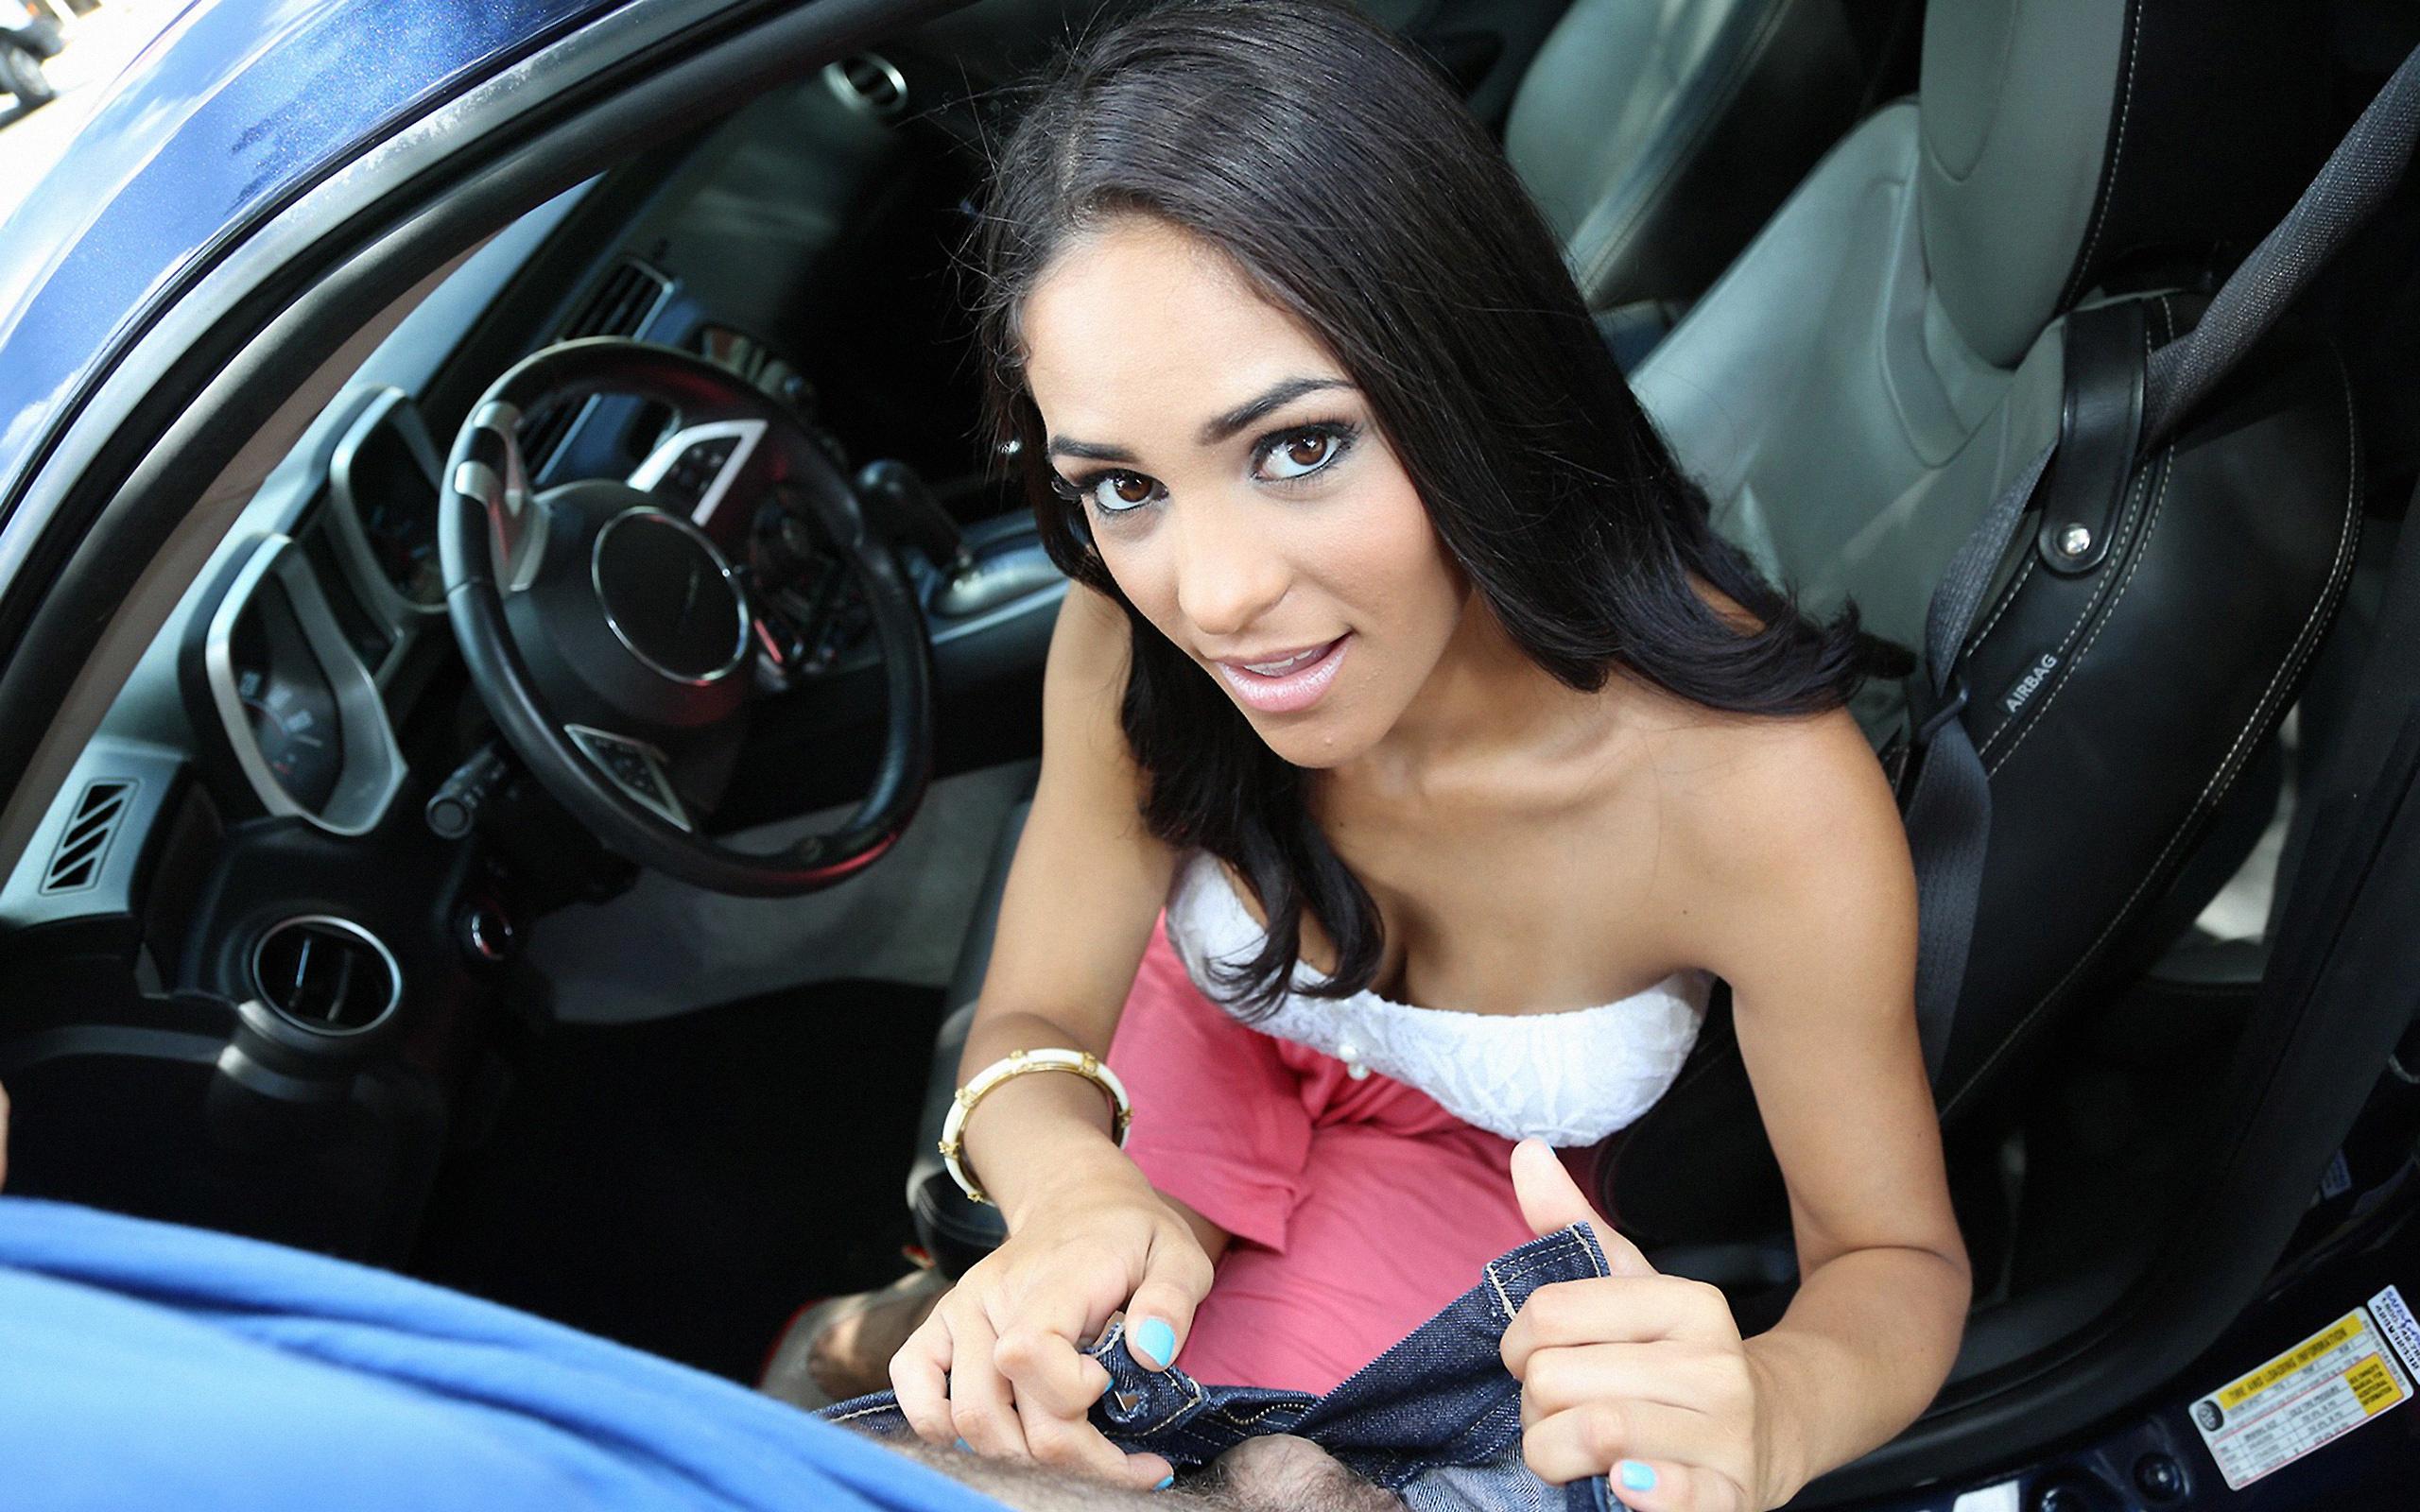 brunette sex video in car